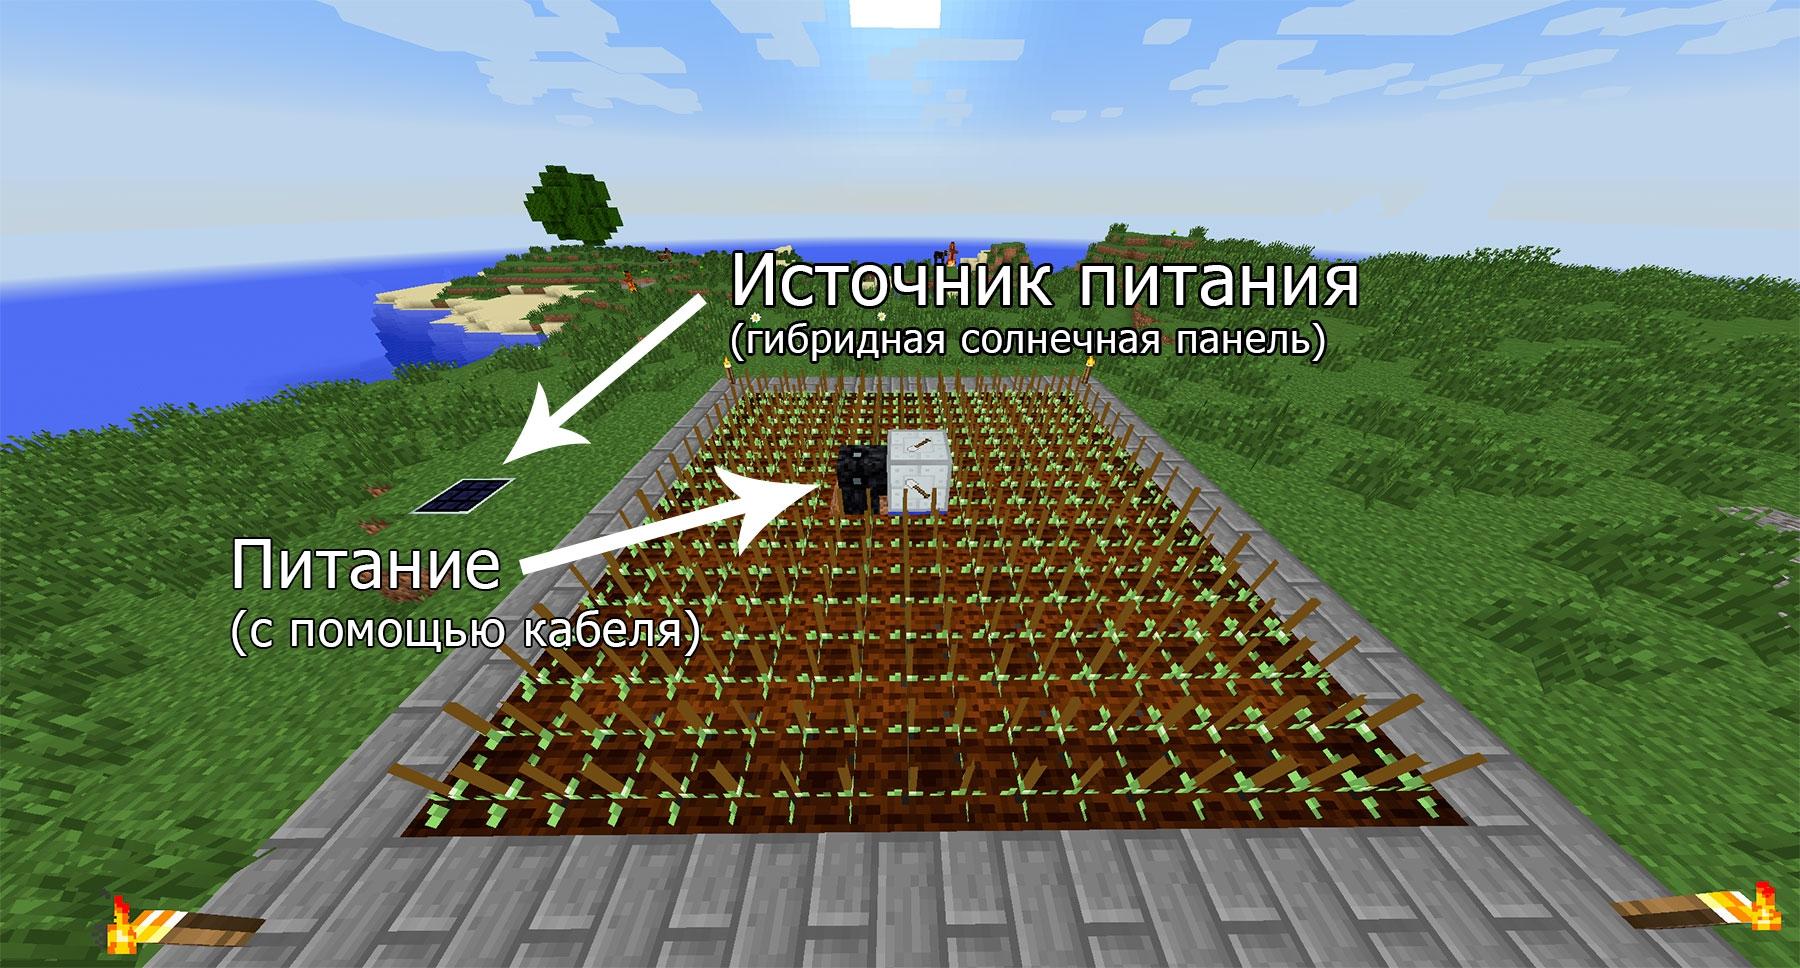 Авто ферма земляных культур в IC2 (4.2)